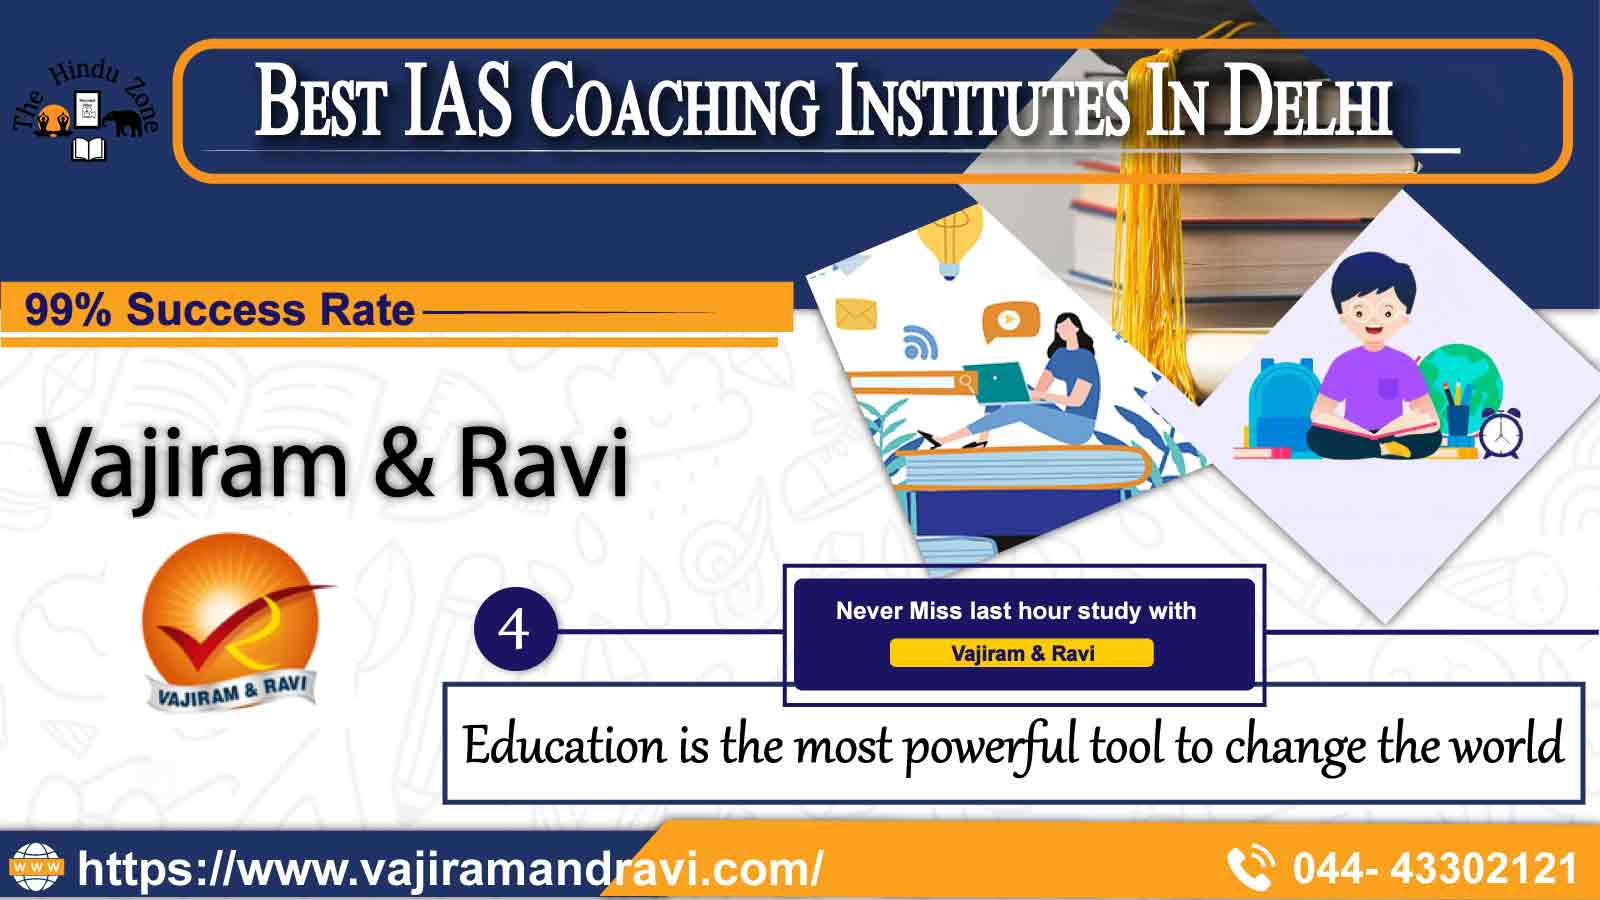 Top IAS Coaching Institutes In Delhi